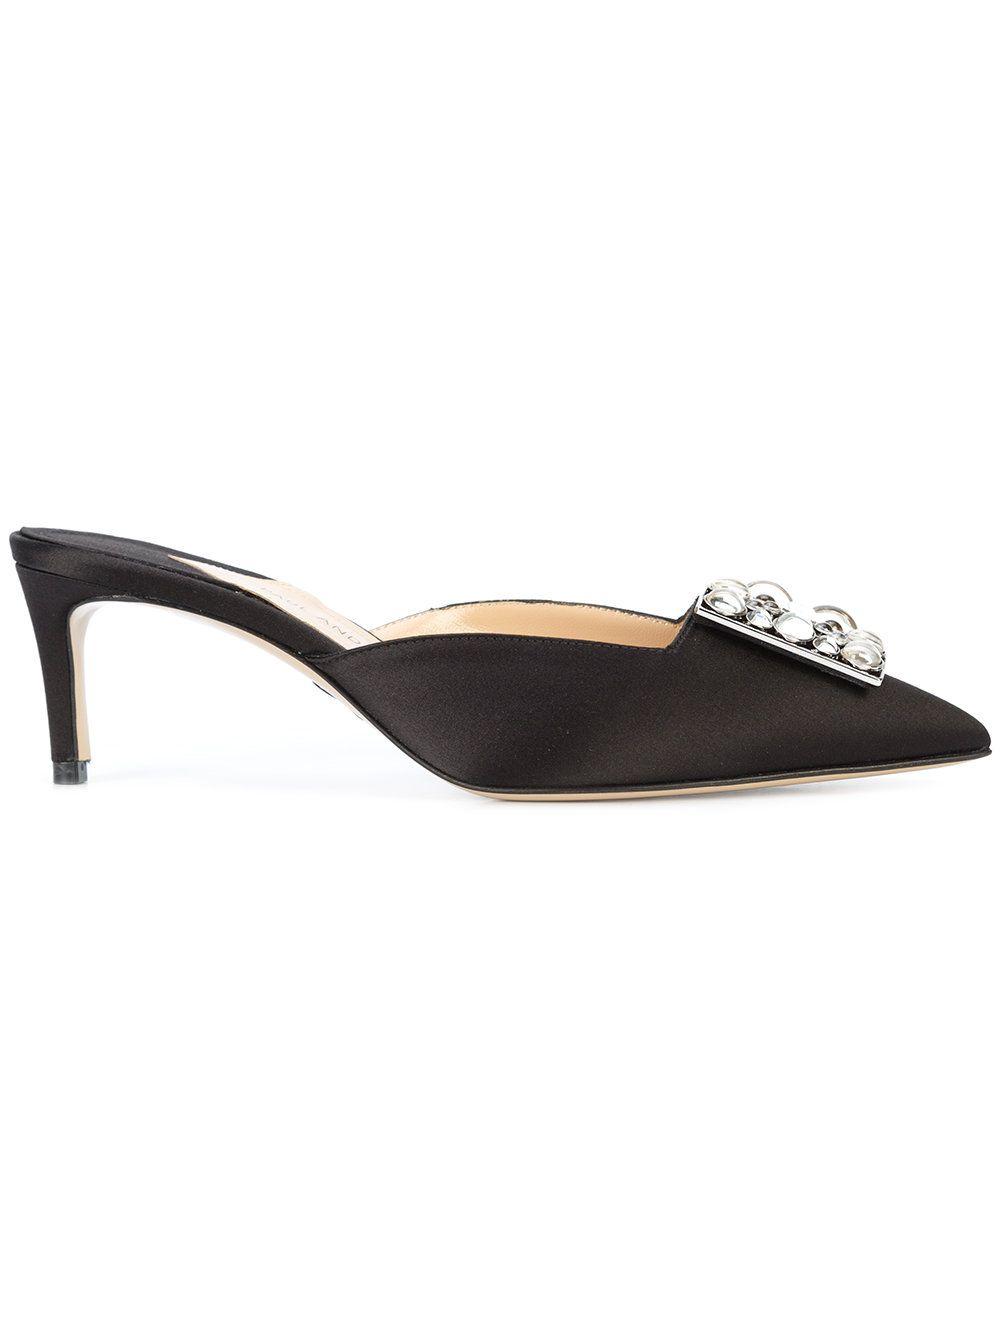 89dfeb0367 PAUL ANDREW BLACK. #paulandrew #shoes #   Paul Andrew   Pinterest ...